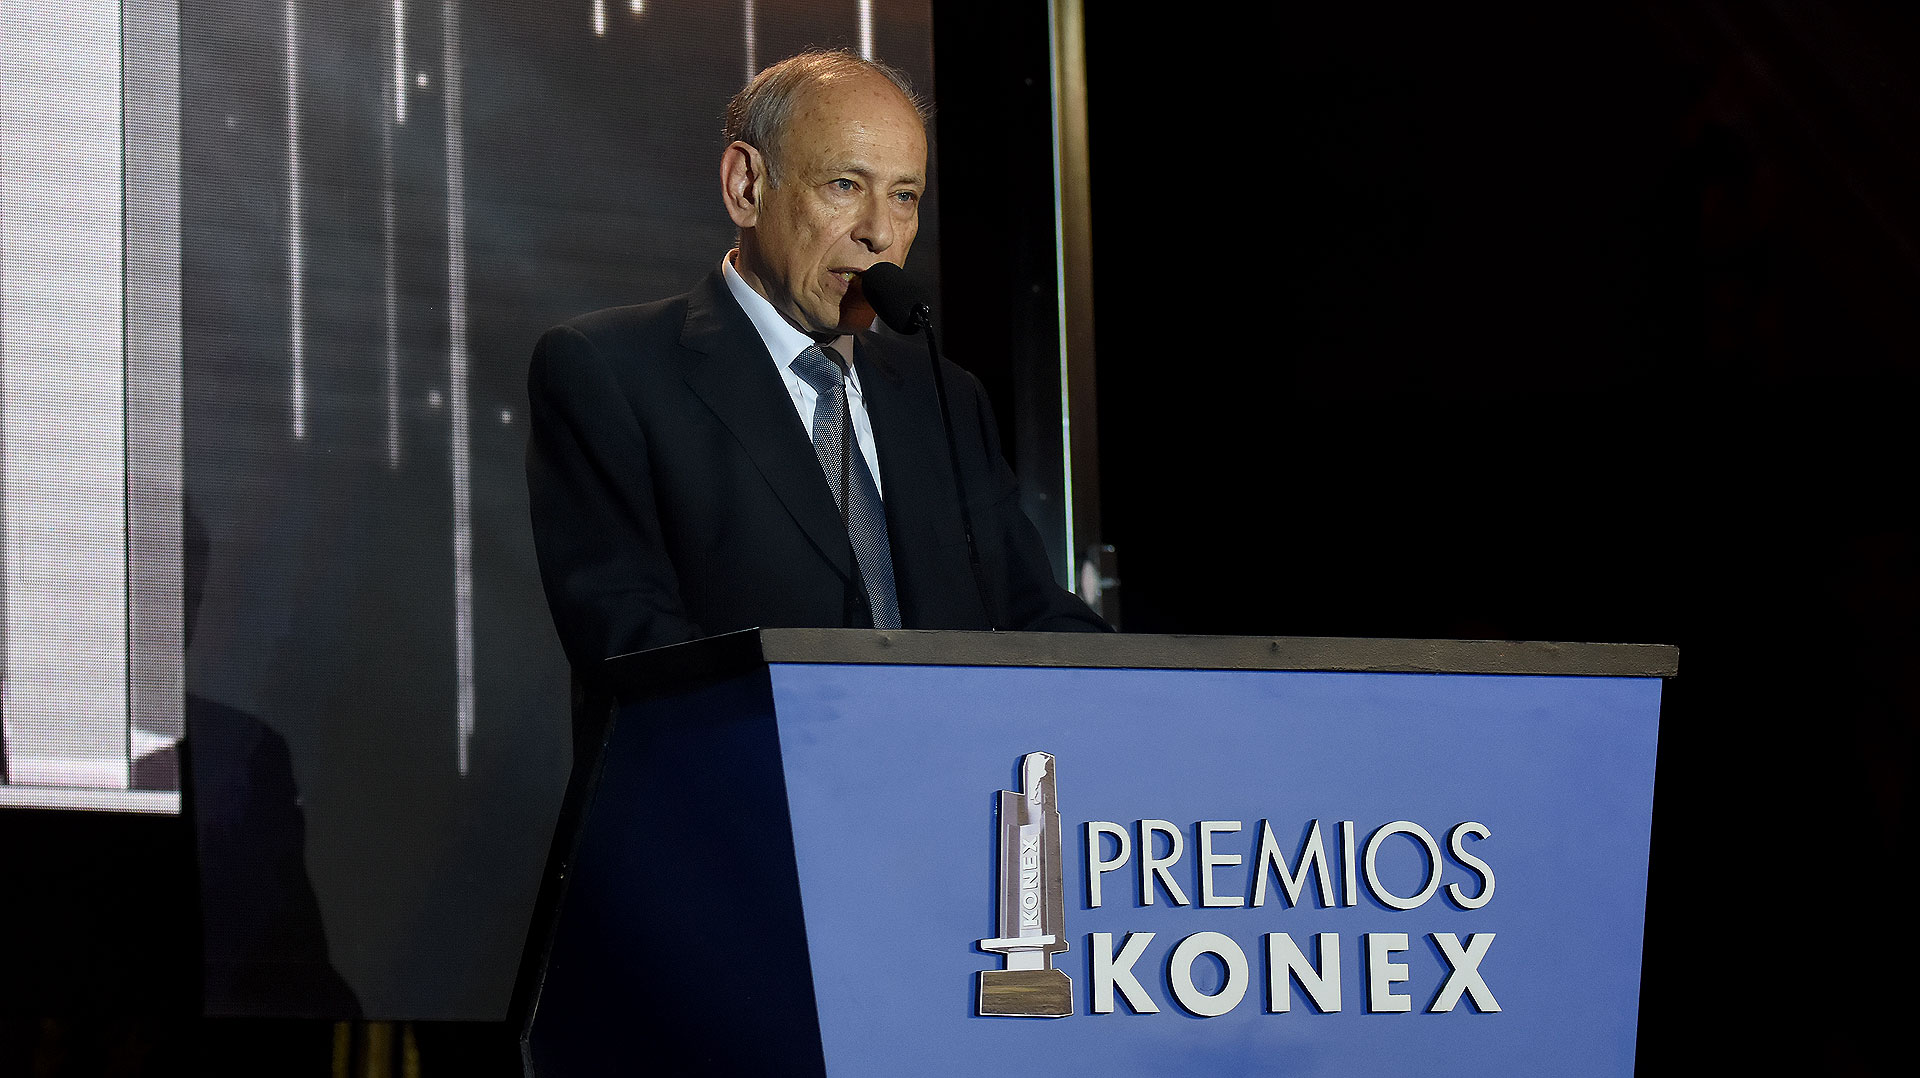 El presidente de la Fundación Konex, Luis Ovsejevich, durante la ceremonia de entrega de los Premios Konex 2017 – Comunicación – Periodismo, que se llevó a cabo en el Salón de Actos de la Facultad de Derecho de la Universidad de Buenos Aires